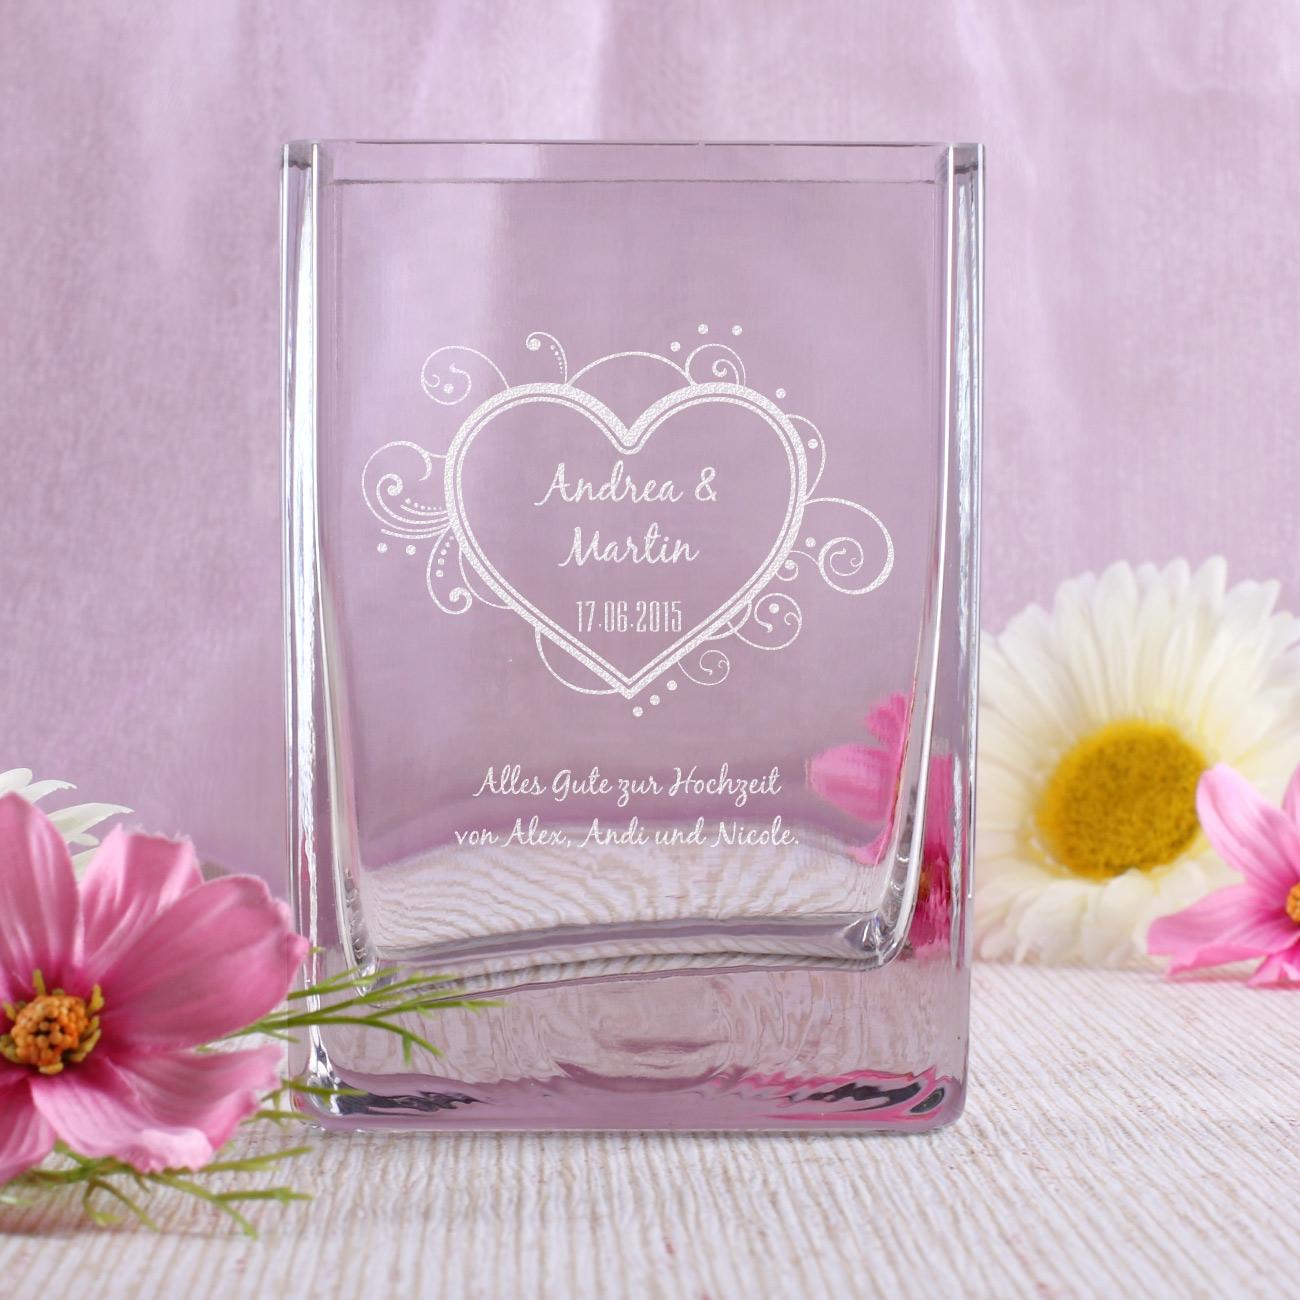 gravierte vase mit ihren wunschnamen datum und wunschtext zur hochzeit geschenke. Black Bedroom Furniture Sets. Home Design Ideas